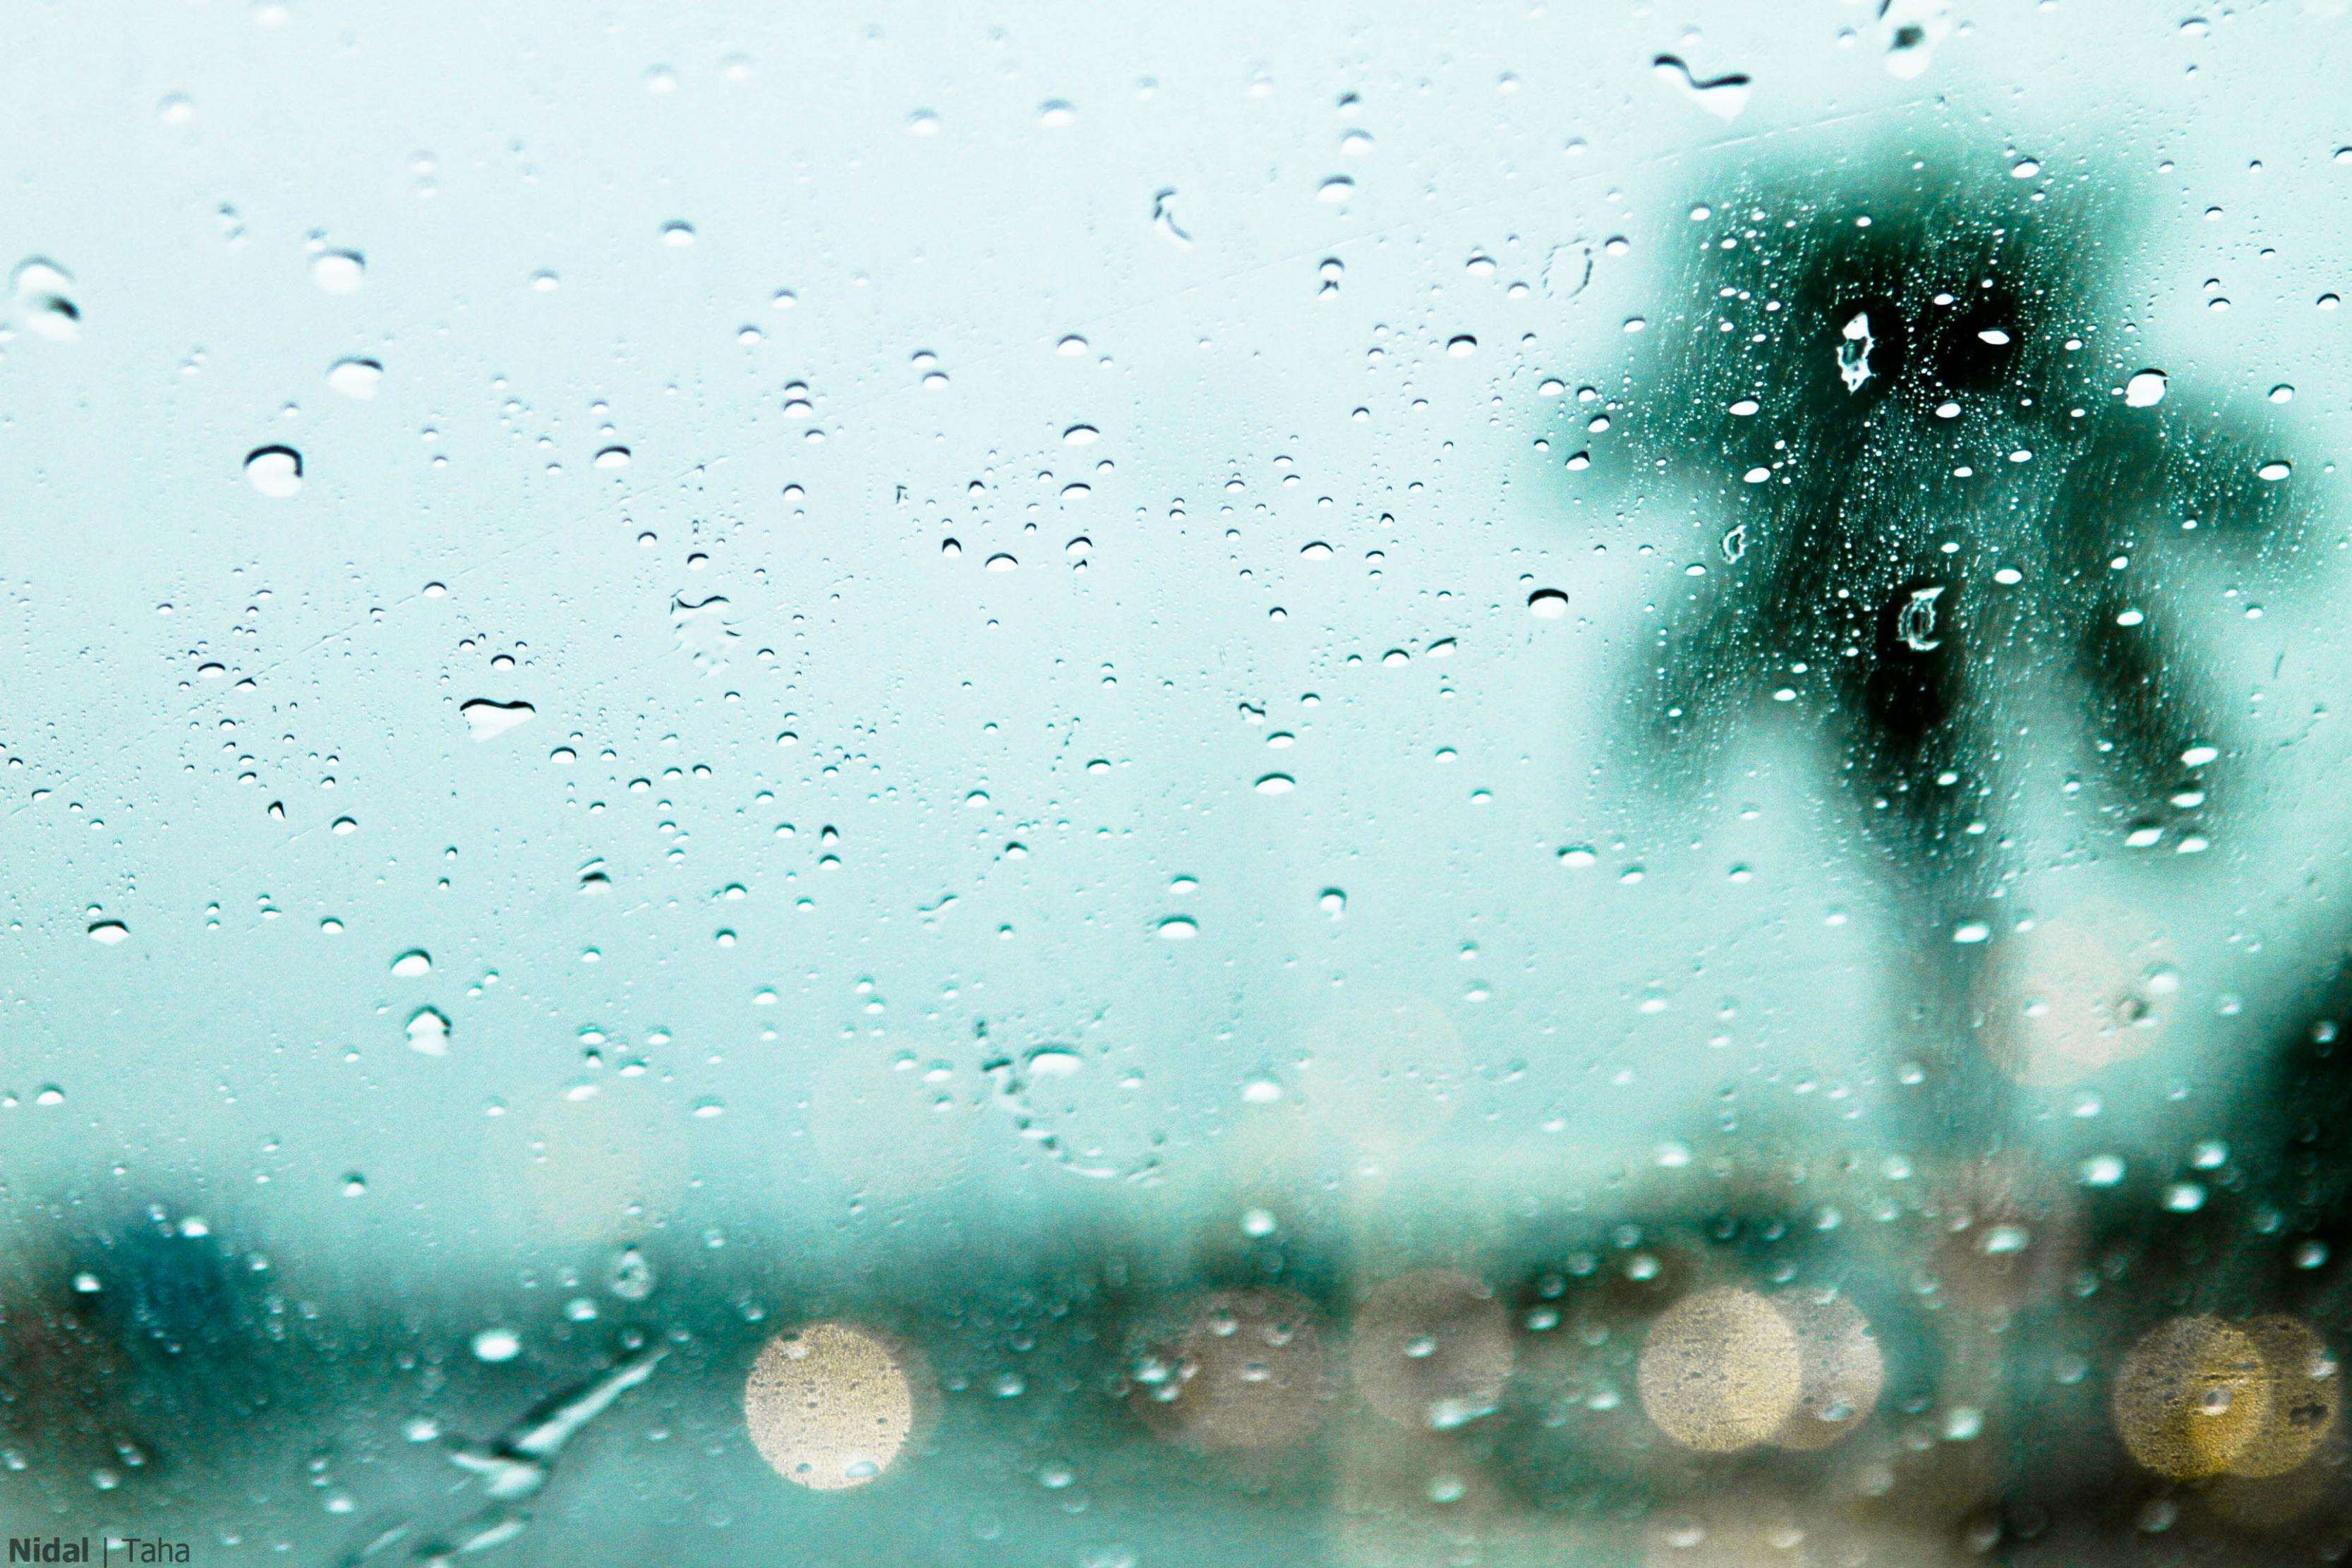 صورة كيف بينزل المطر , تكوين السحاب ونزول المطر